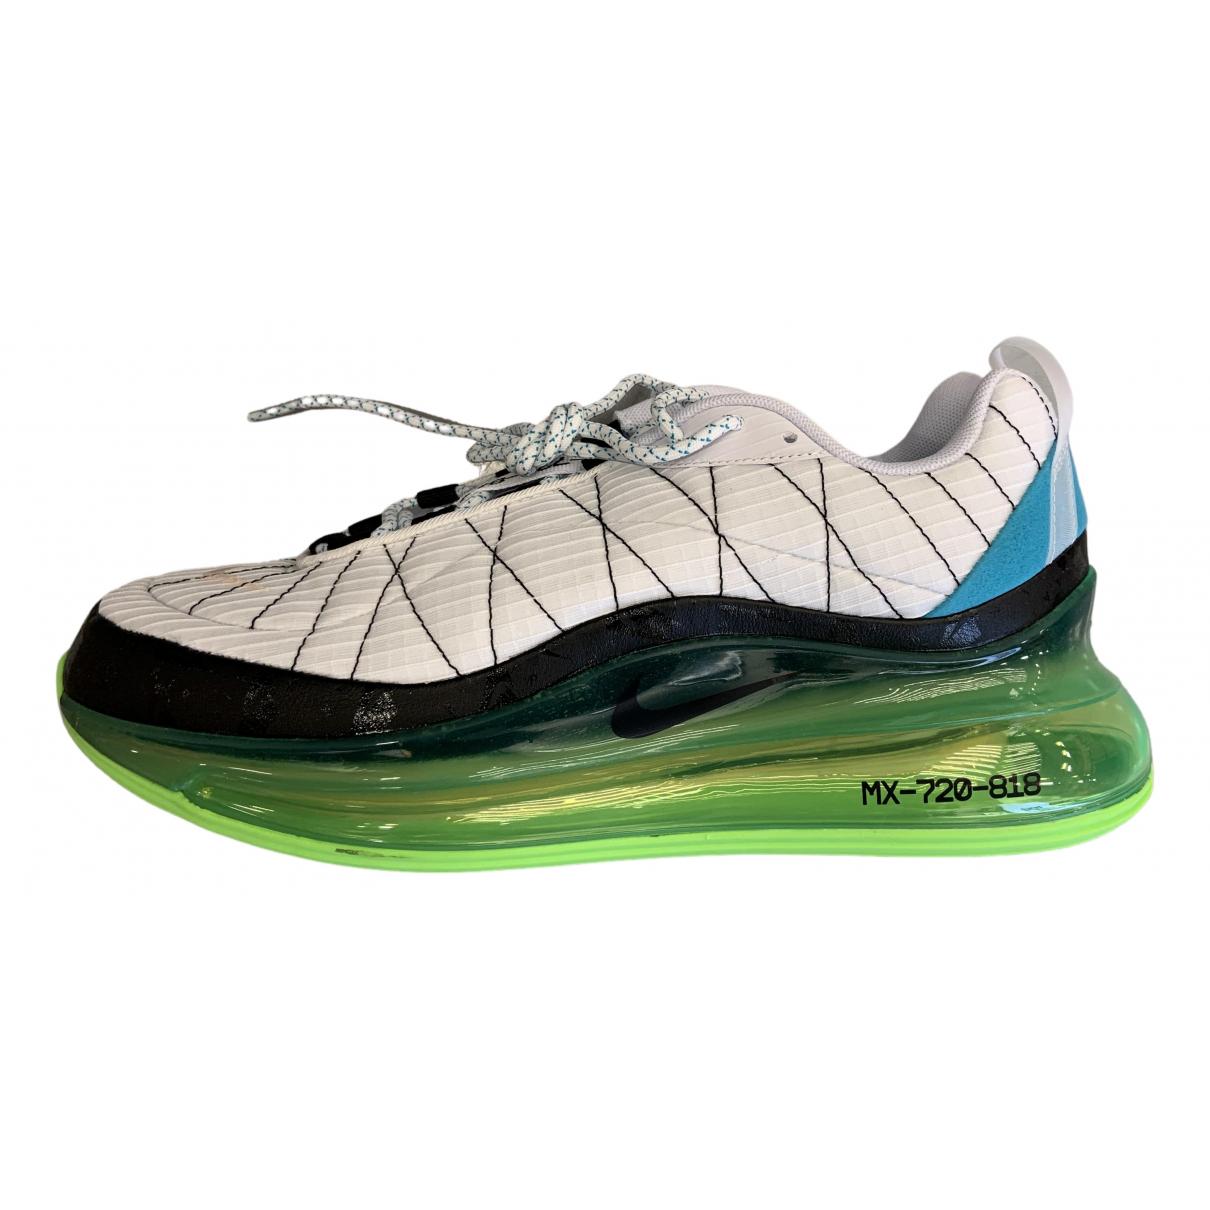 Nike - Baskets Air Max 720 pour homme en cuir - blanc